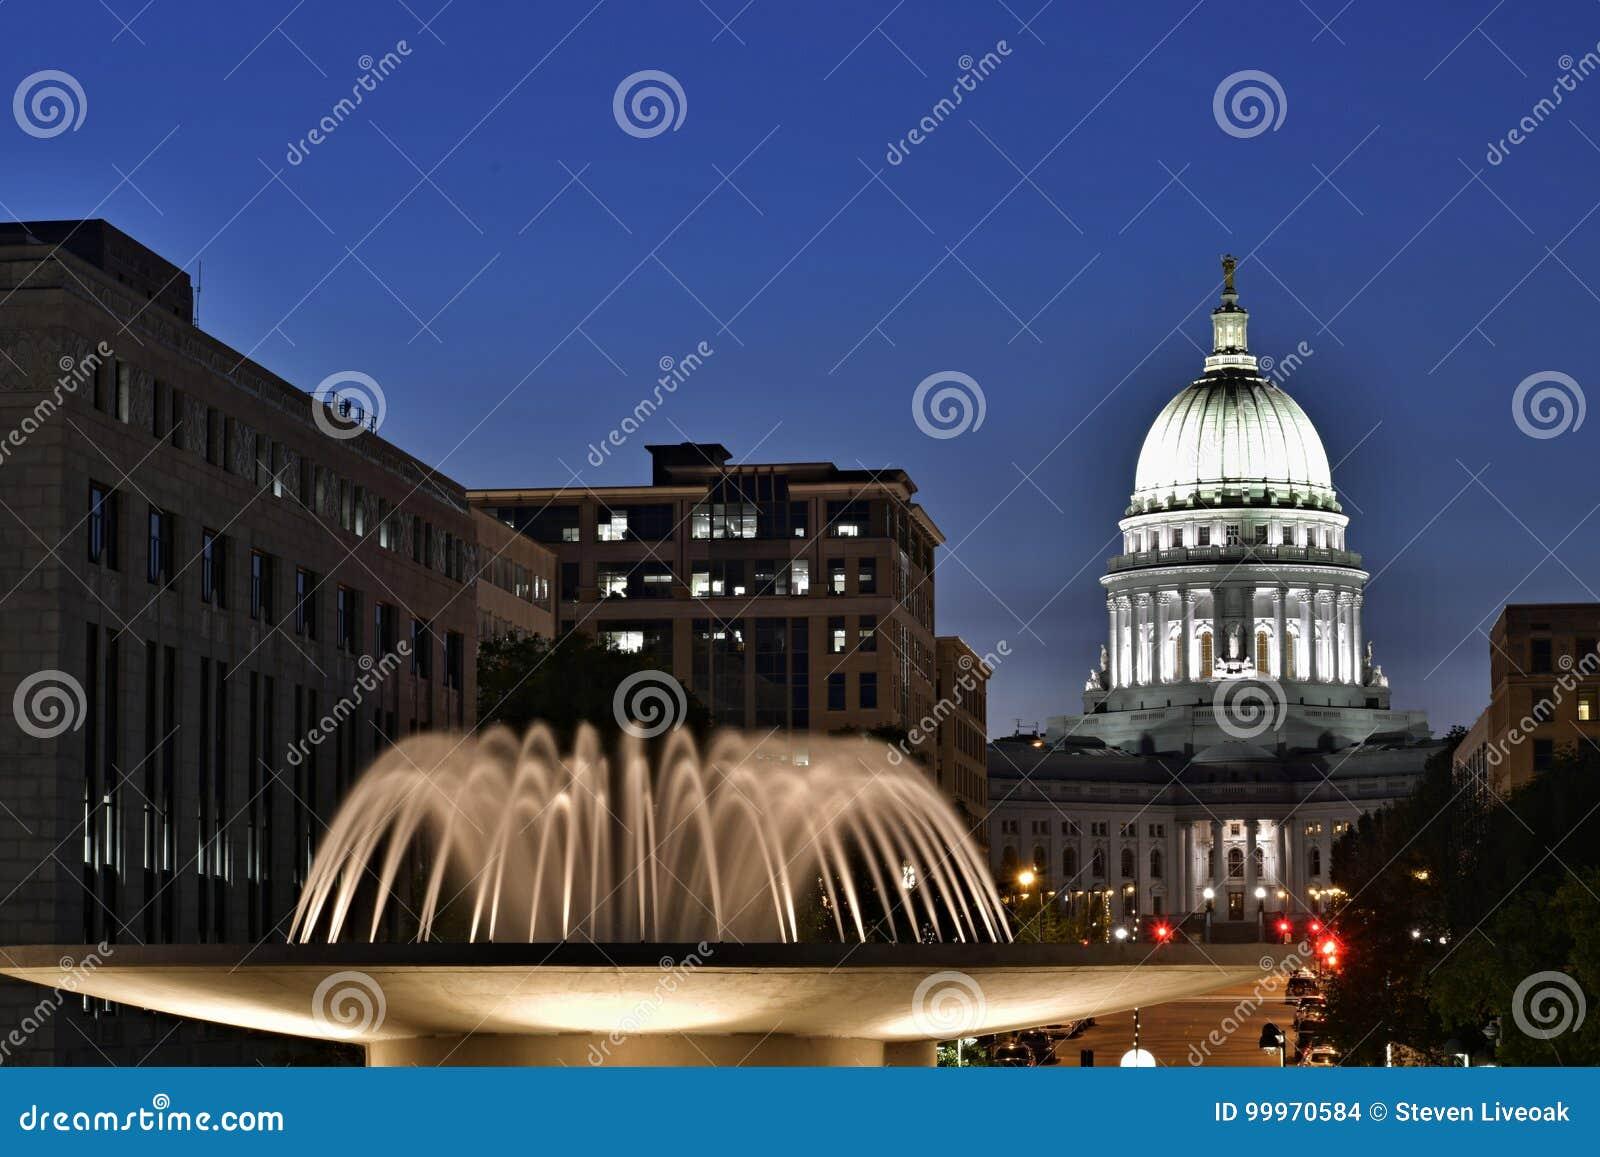 Μάντισον, Ουισκόνσιν, ΗΠΑ Σκηνή νύχτας με το κύριο κτήριο και τη φωτισμένη πηγή στο πρώτο πλάνο